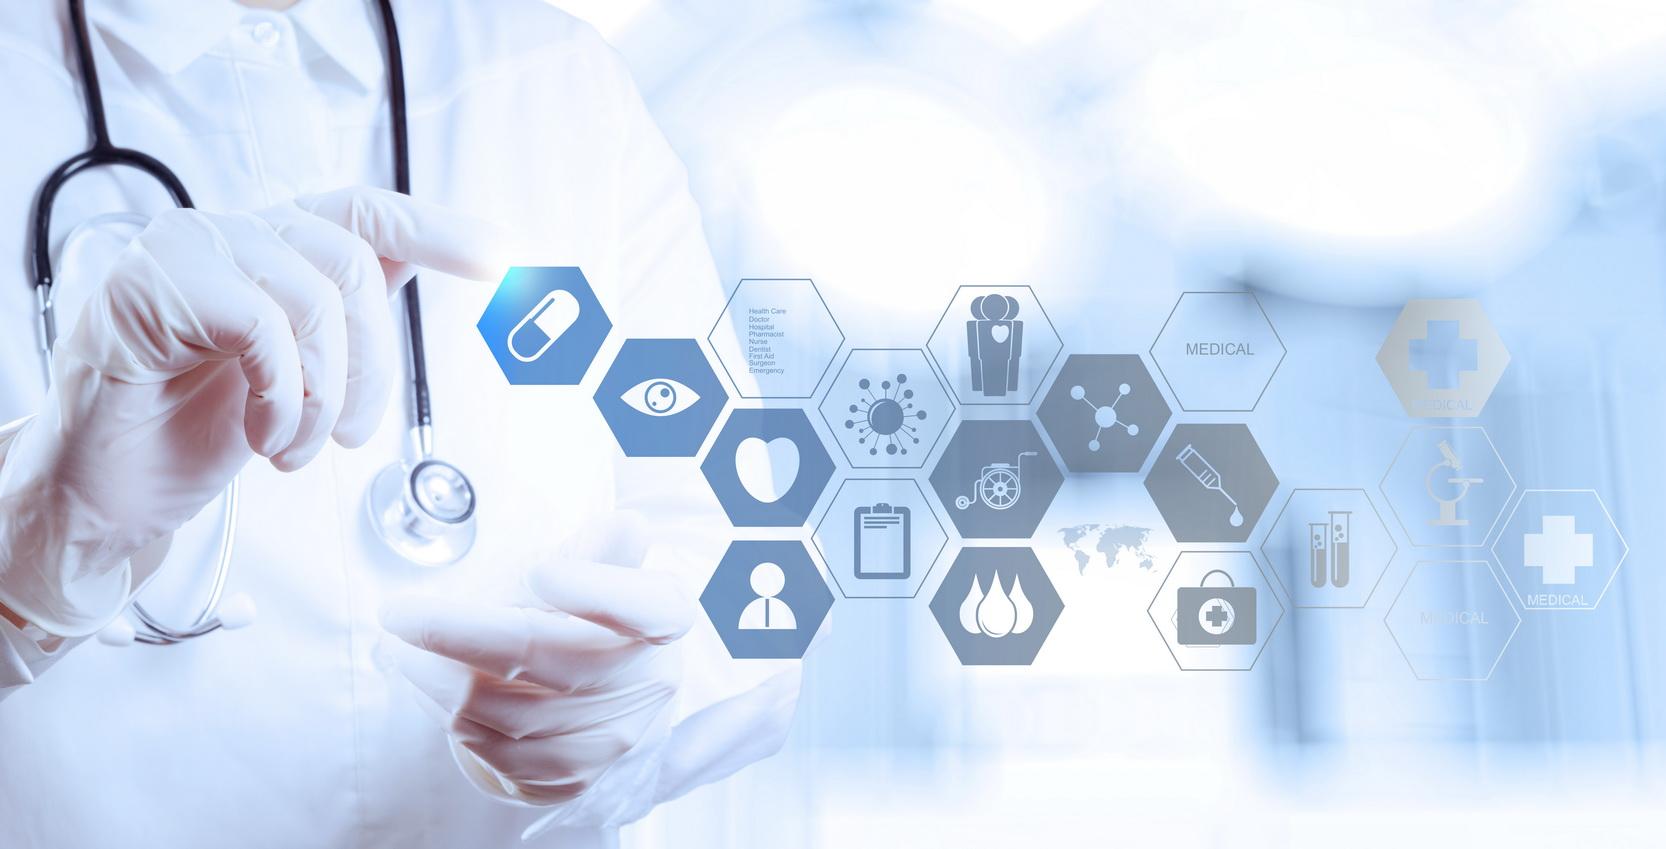 أثر التغيير التنظيمي على تحسين جودة الخدمات الصحية بالمستشفيات الجزائرية